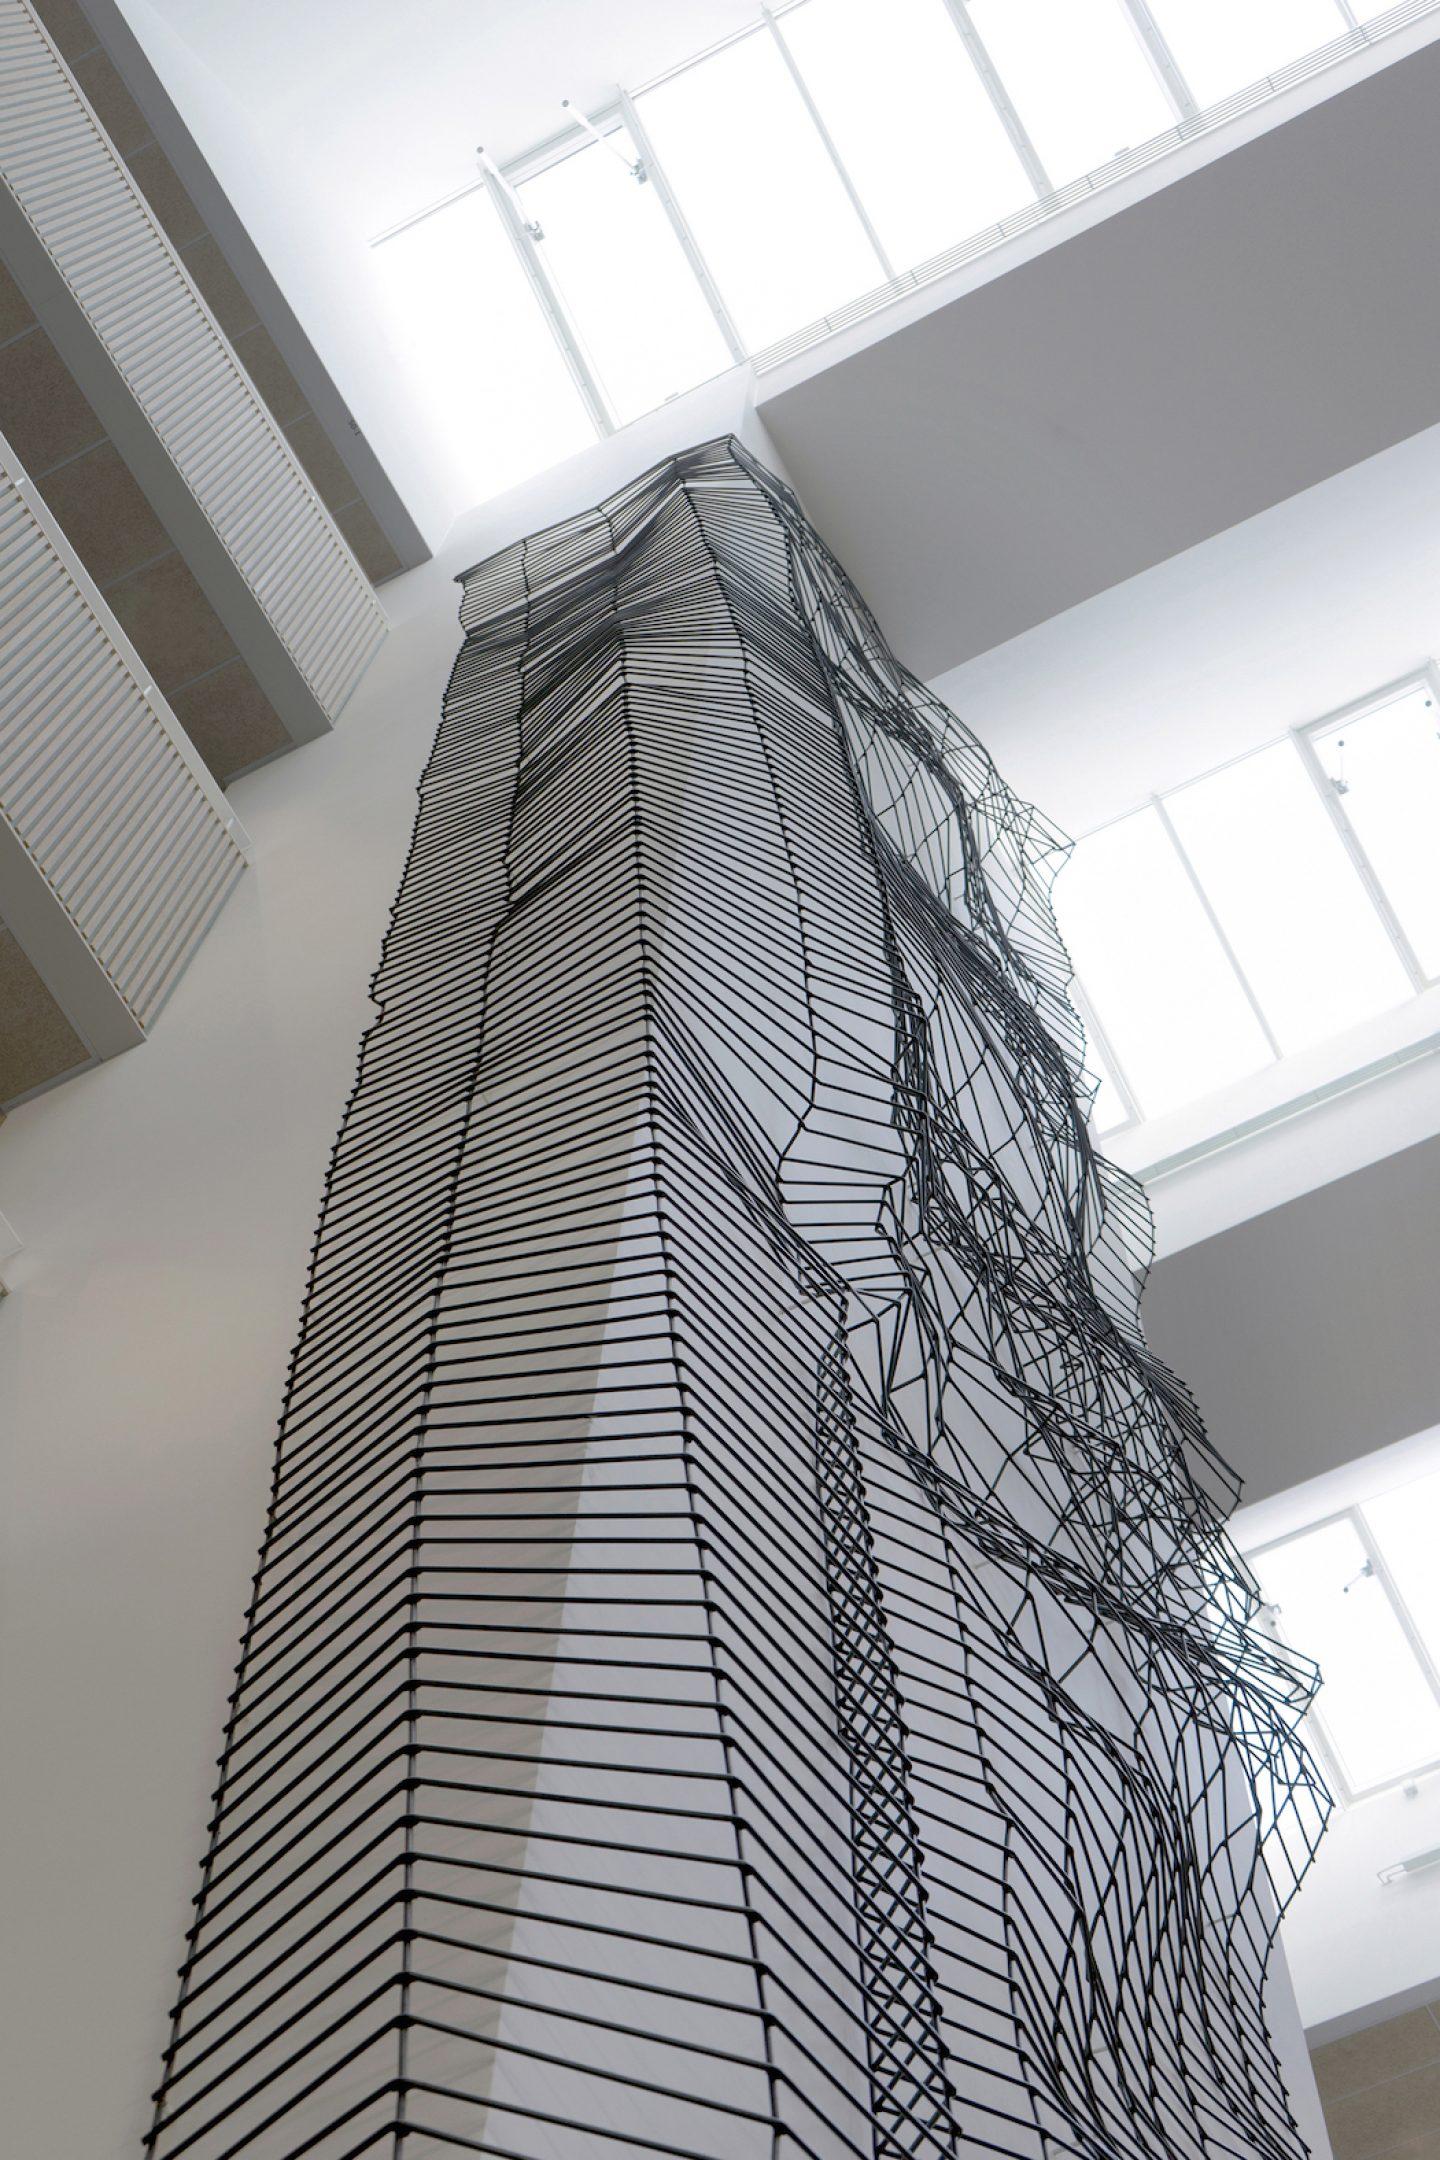 art_borkmannlenk_klaede_installation_06